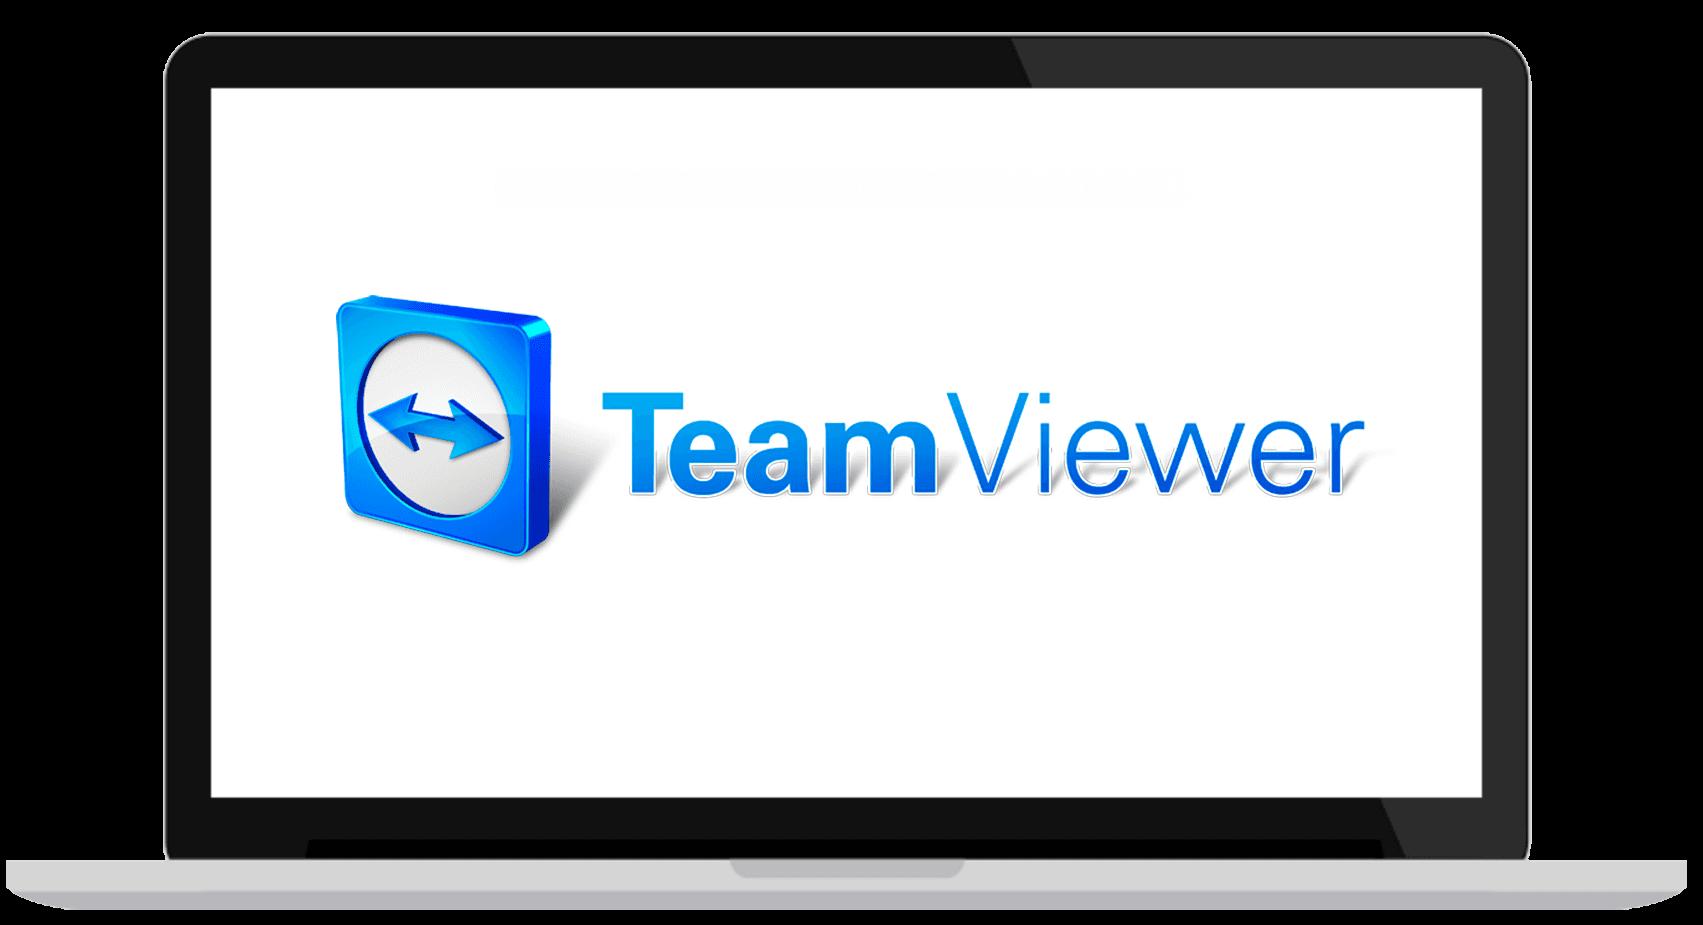 Teamviewer illustrasjon på bærebar